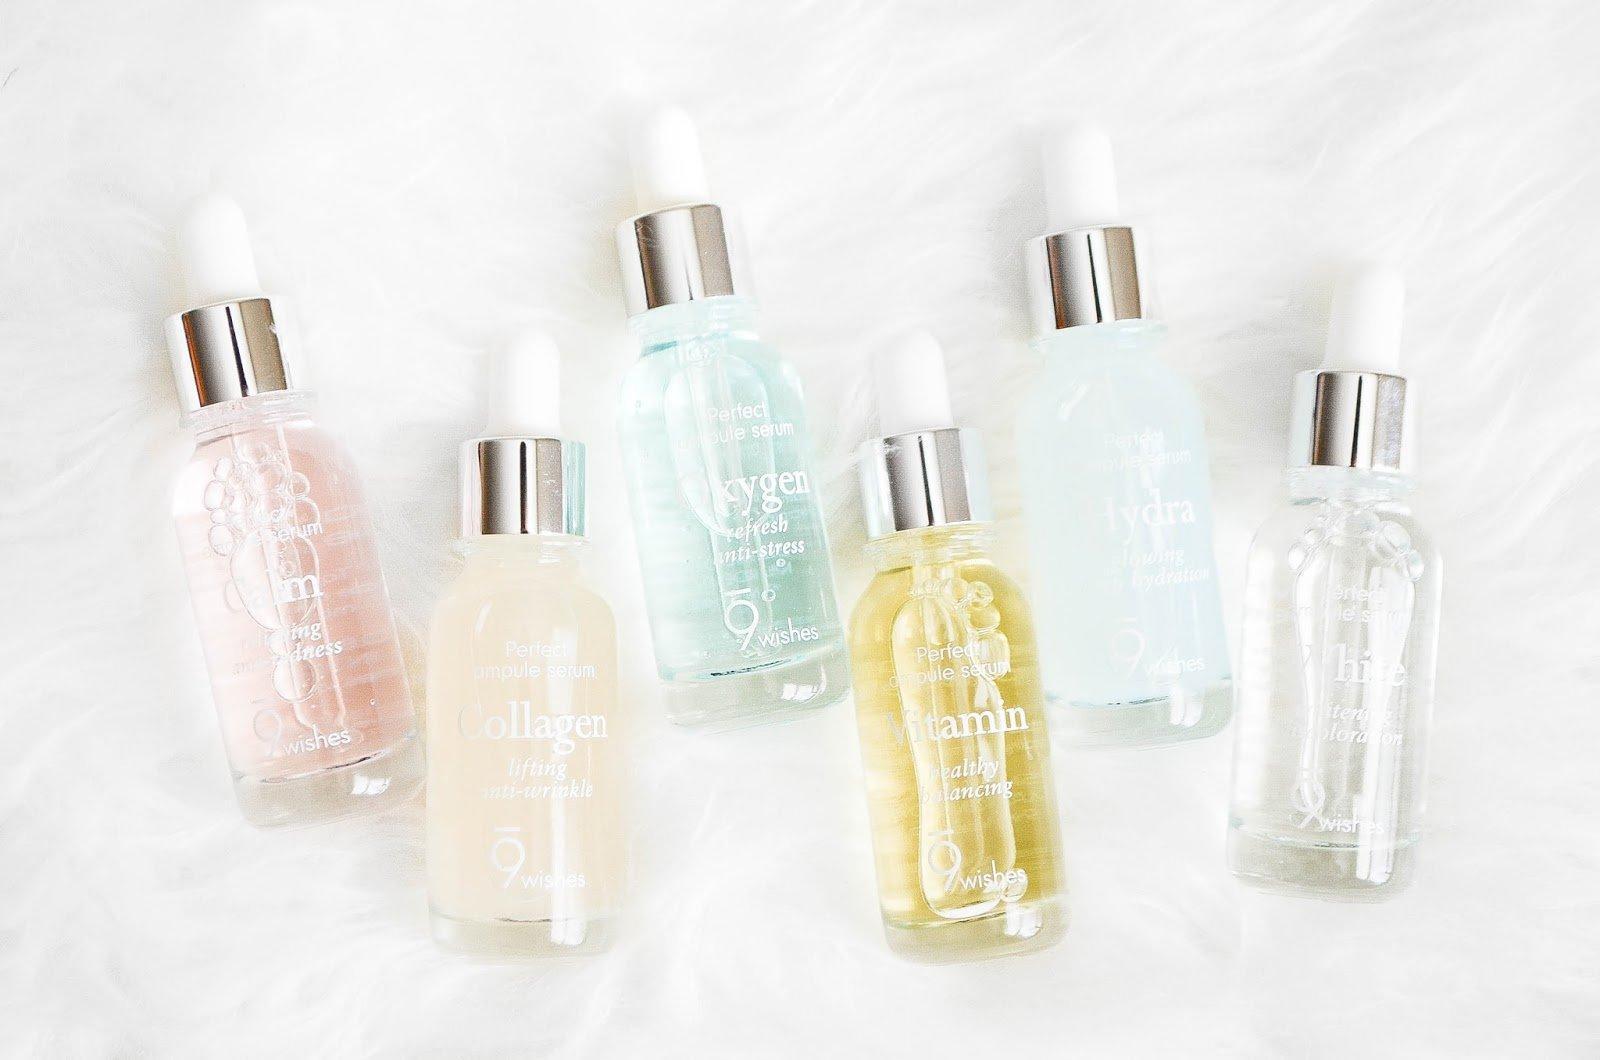 9wishes là một thương hiệu mỹ phẩm Hàn Quốc sở hữu nhiều sản phẩm phù hợp với nhiều loại da khác nhau (Nguồn: Internet).